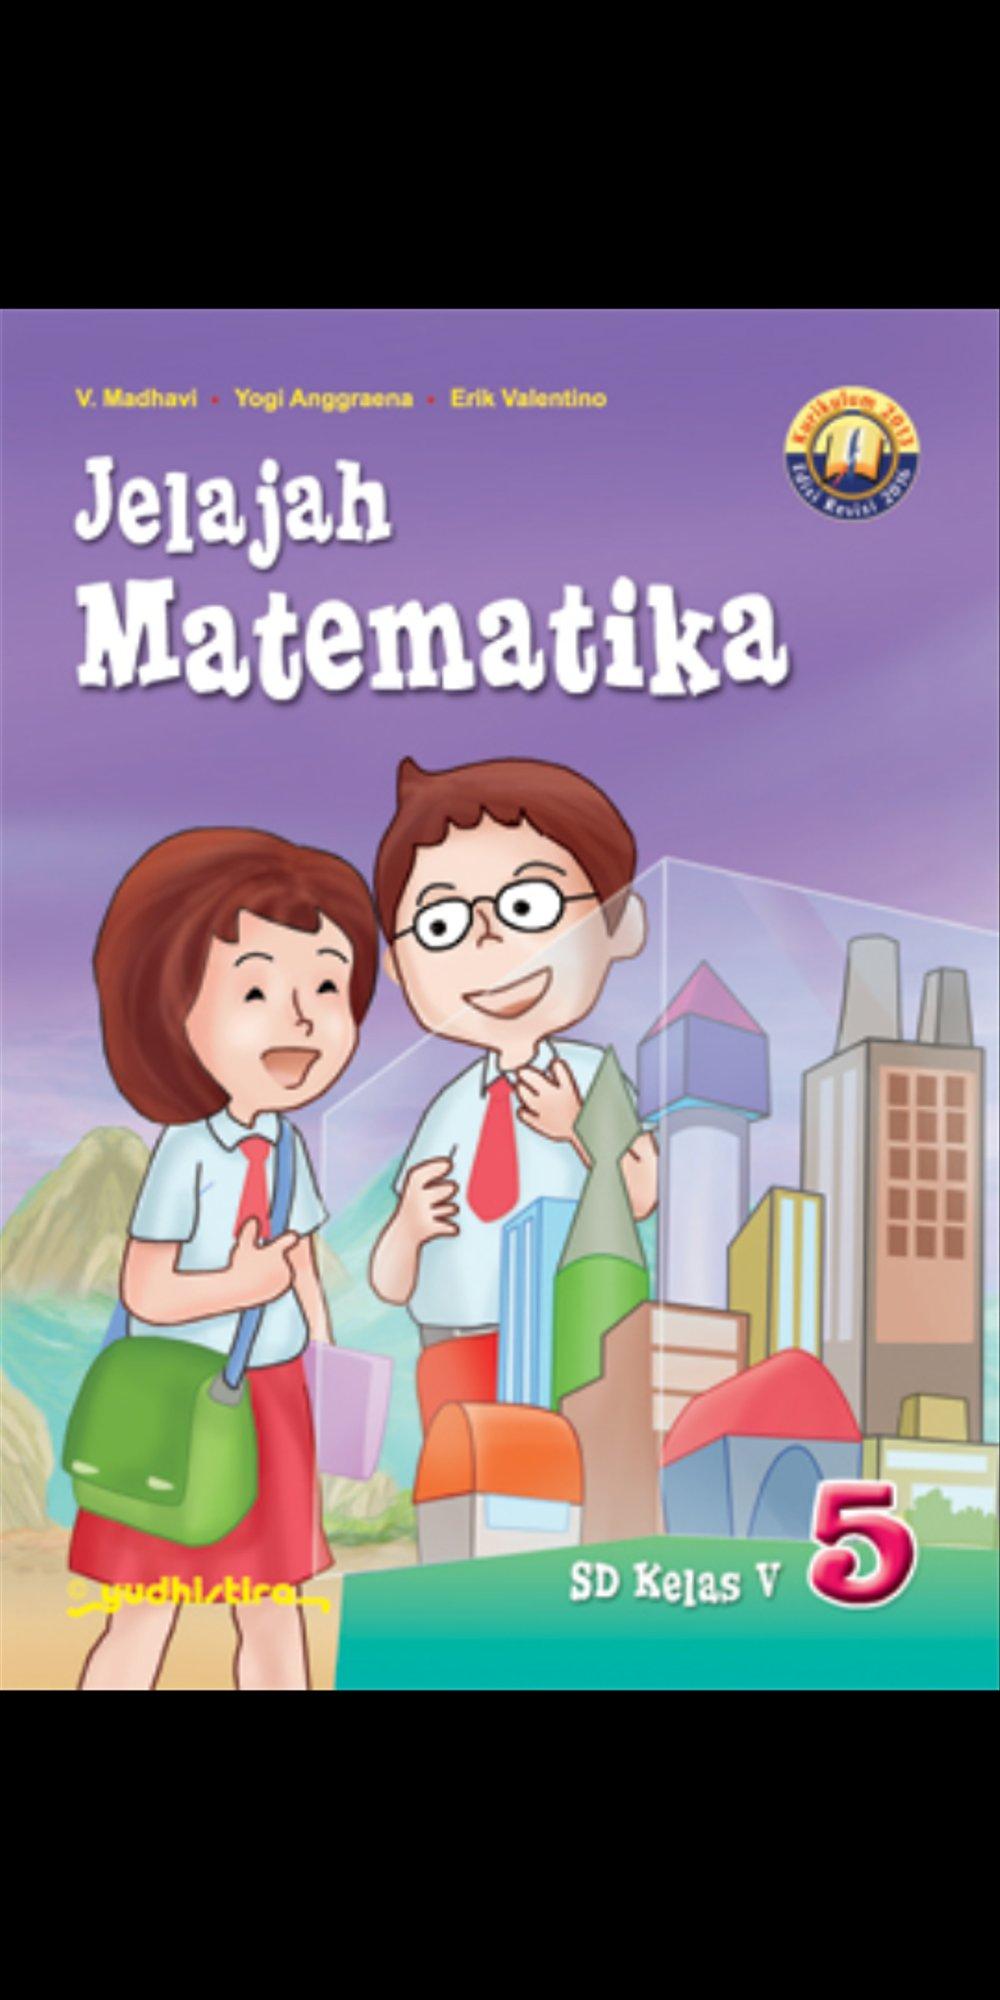 Download buku sekolah kelas 5 sd kurikulum ktsp 2006 lengkap. Download Buku Matematika Kelas 5 Quadra Pdf – SiswaPelajar.com